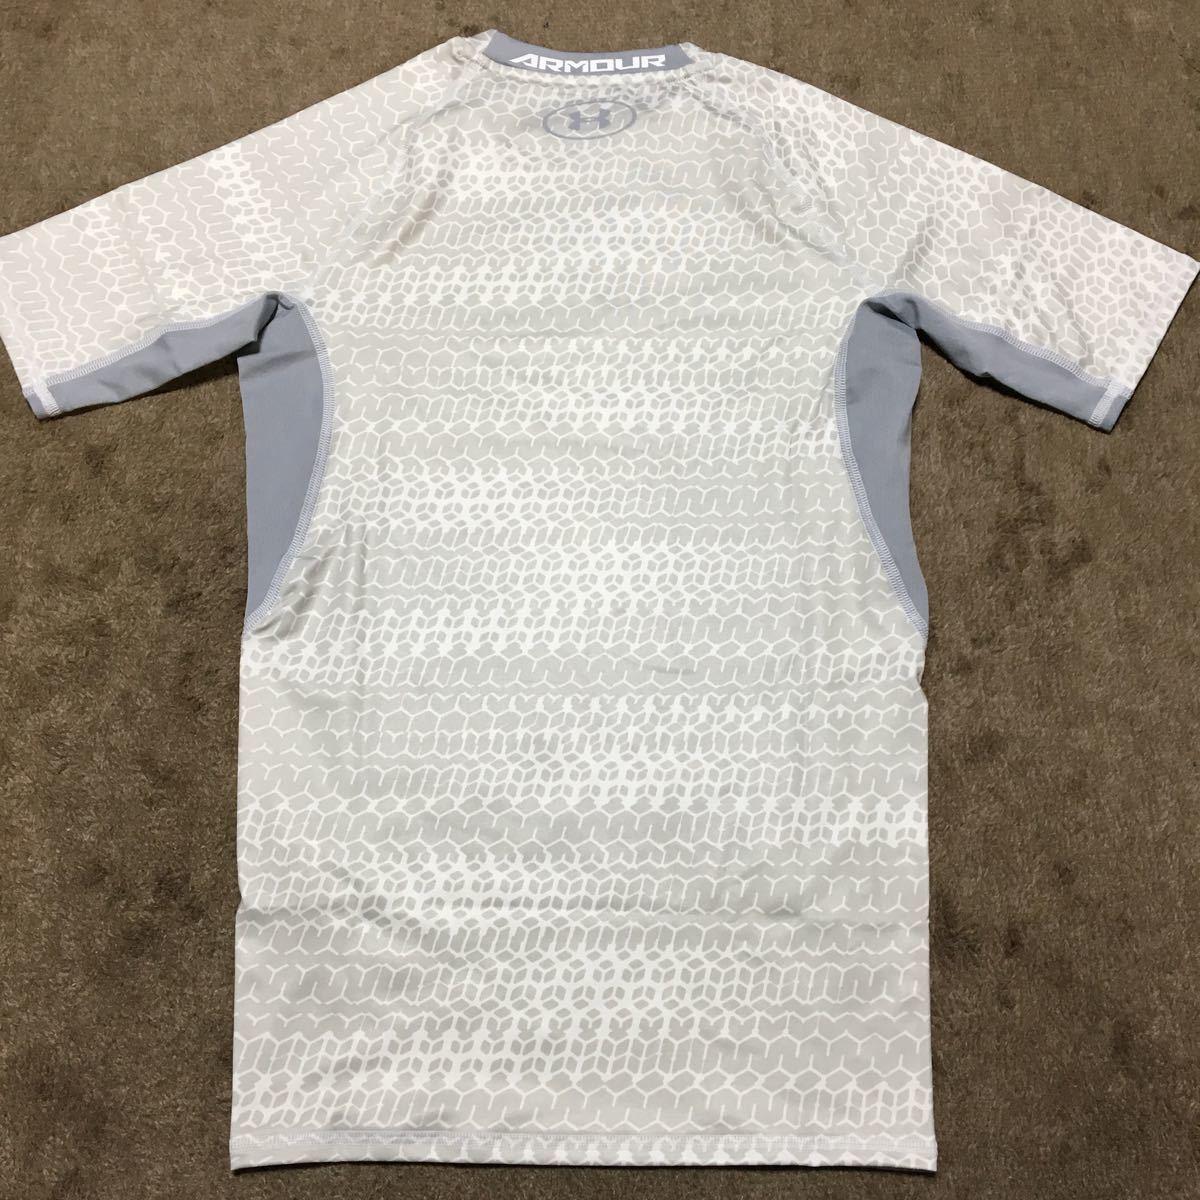 【新品】アンダーアーマーヒートギアシャツ ホワイト MD